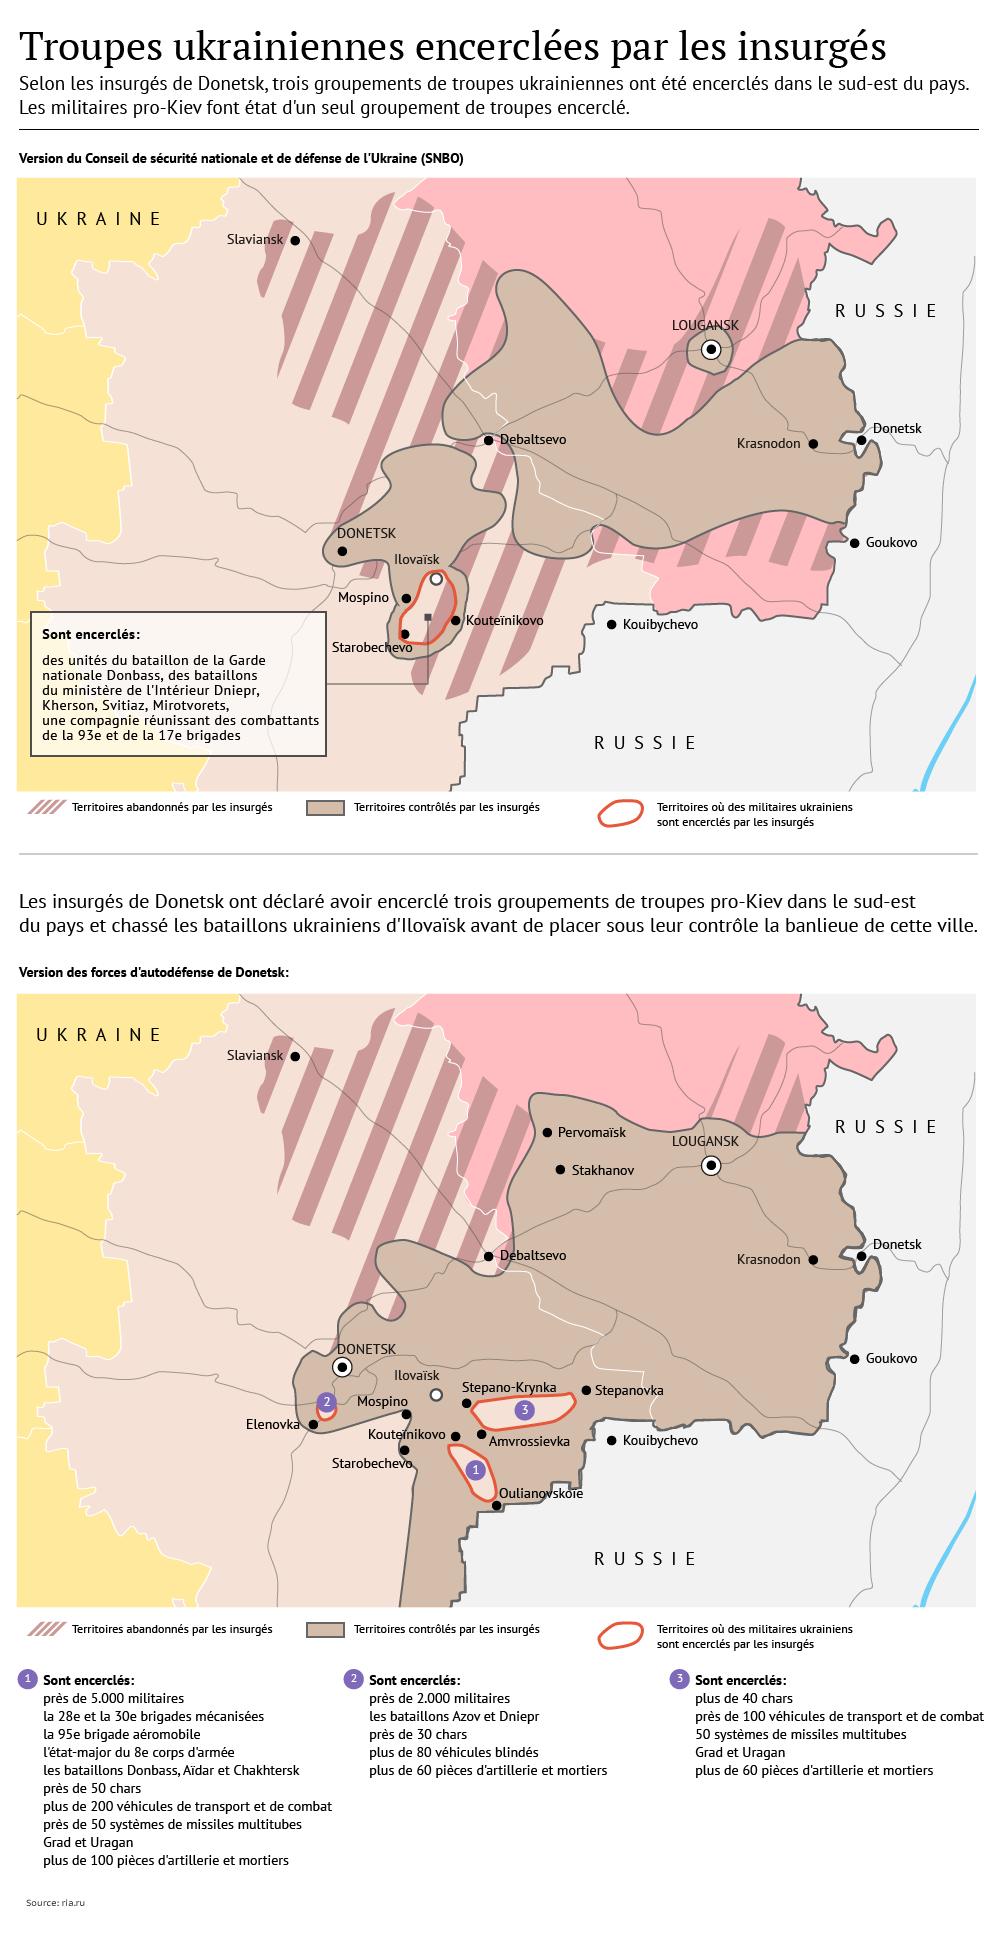 Troupes ukrainiennes encerclées par les insurgés - Sputnik France